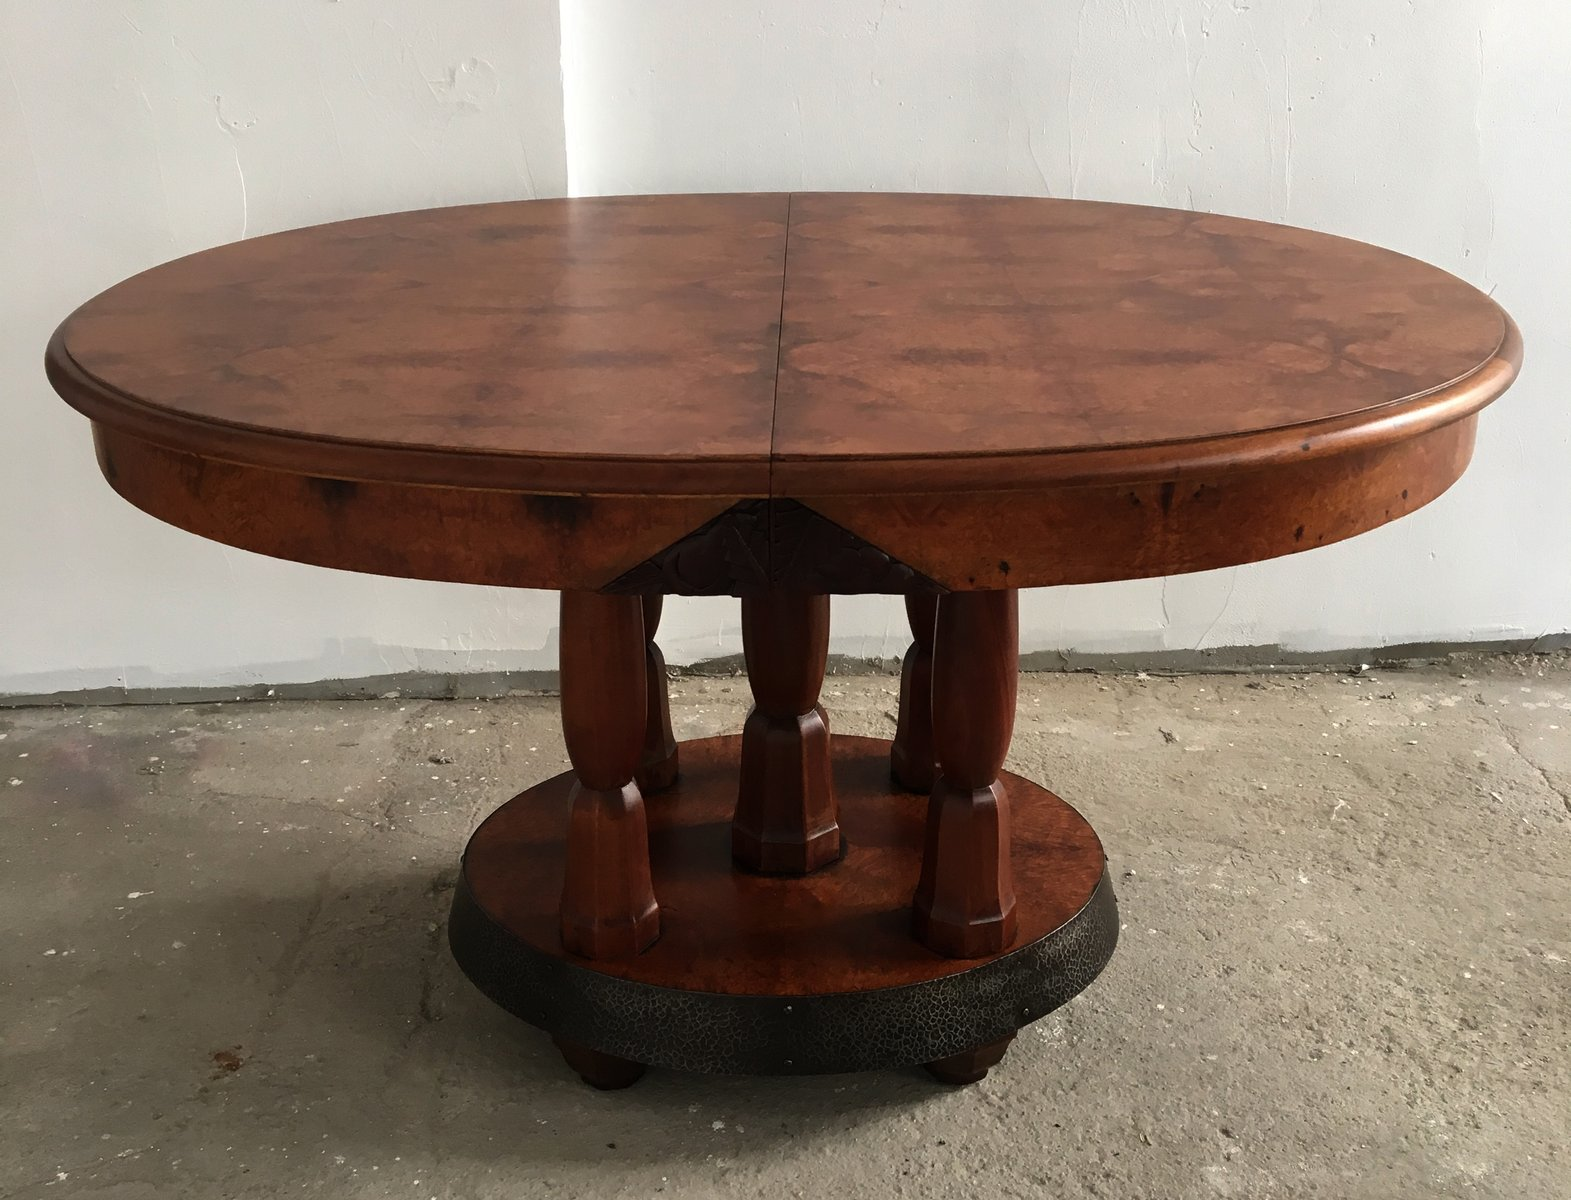 Table de salle manger art d co ronde en ch ne acajou france 1930s en vente sur pamono - Deco sur table salle a manger ...